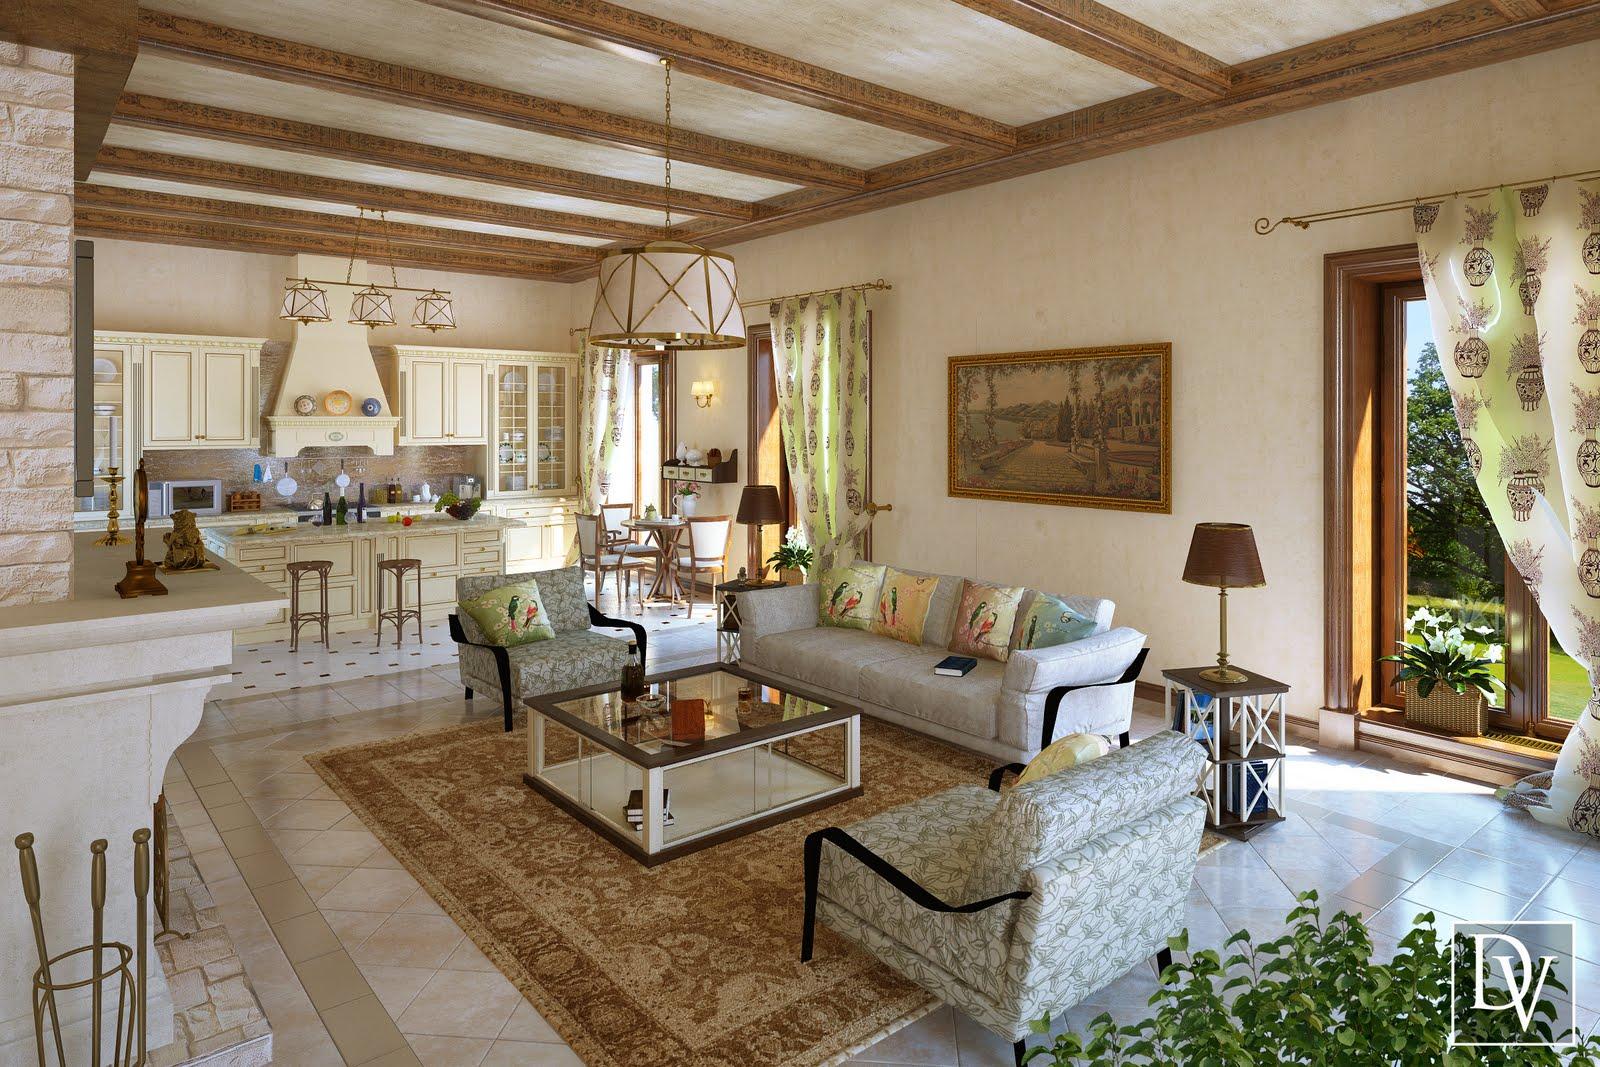 Valentina Bochulya. Design & visualization: Living room